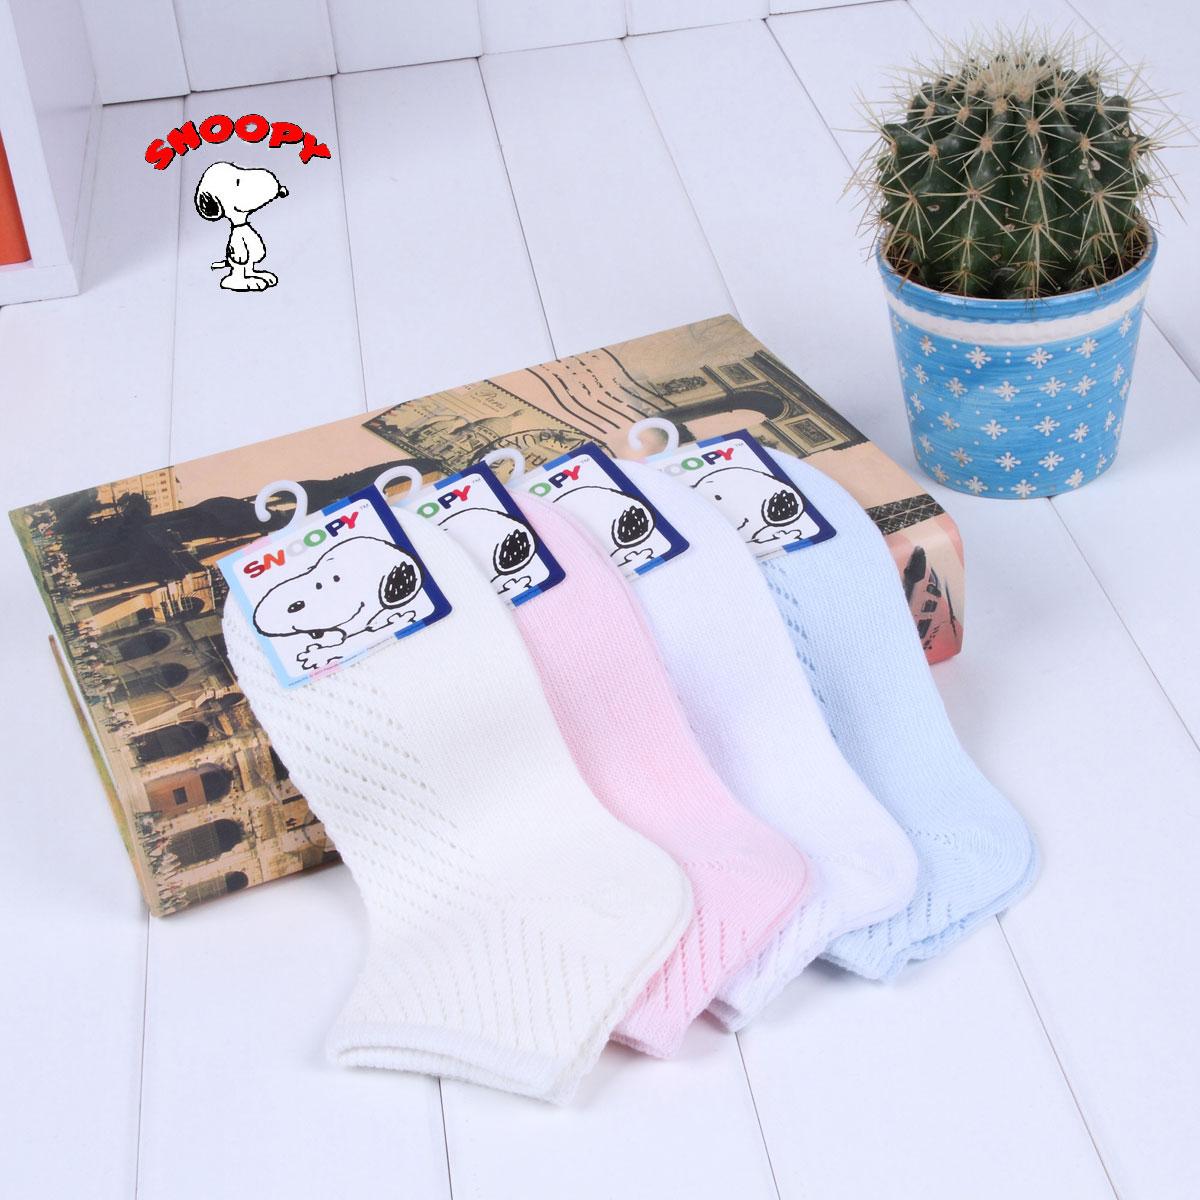 Почта оригинальный Snoopy летом тонкой сетки детей носки, хлопчатобумажные носки носки для мужчин и женщин, детские носки